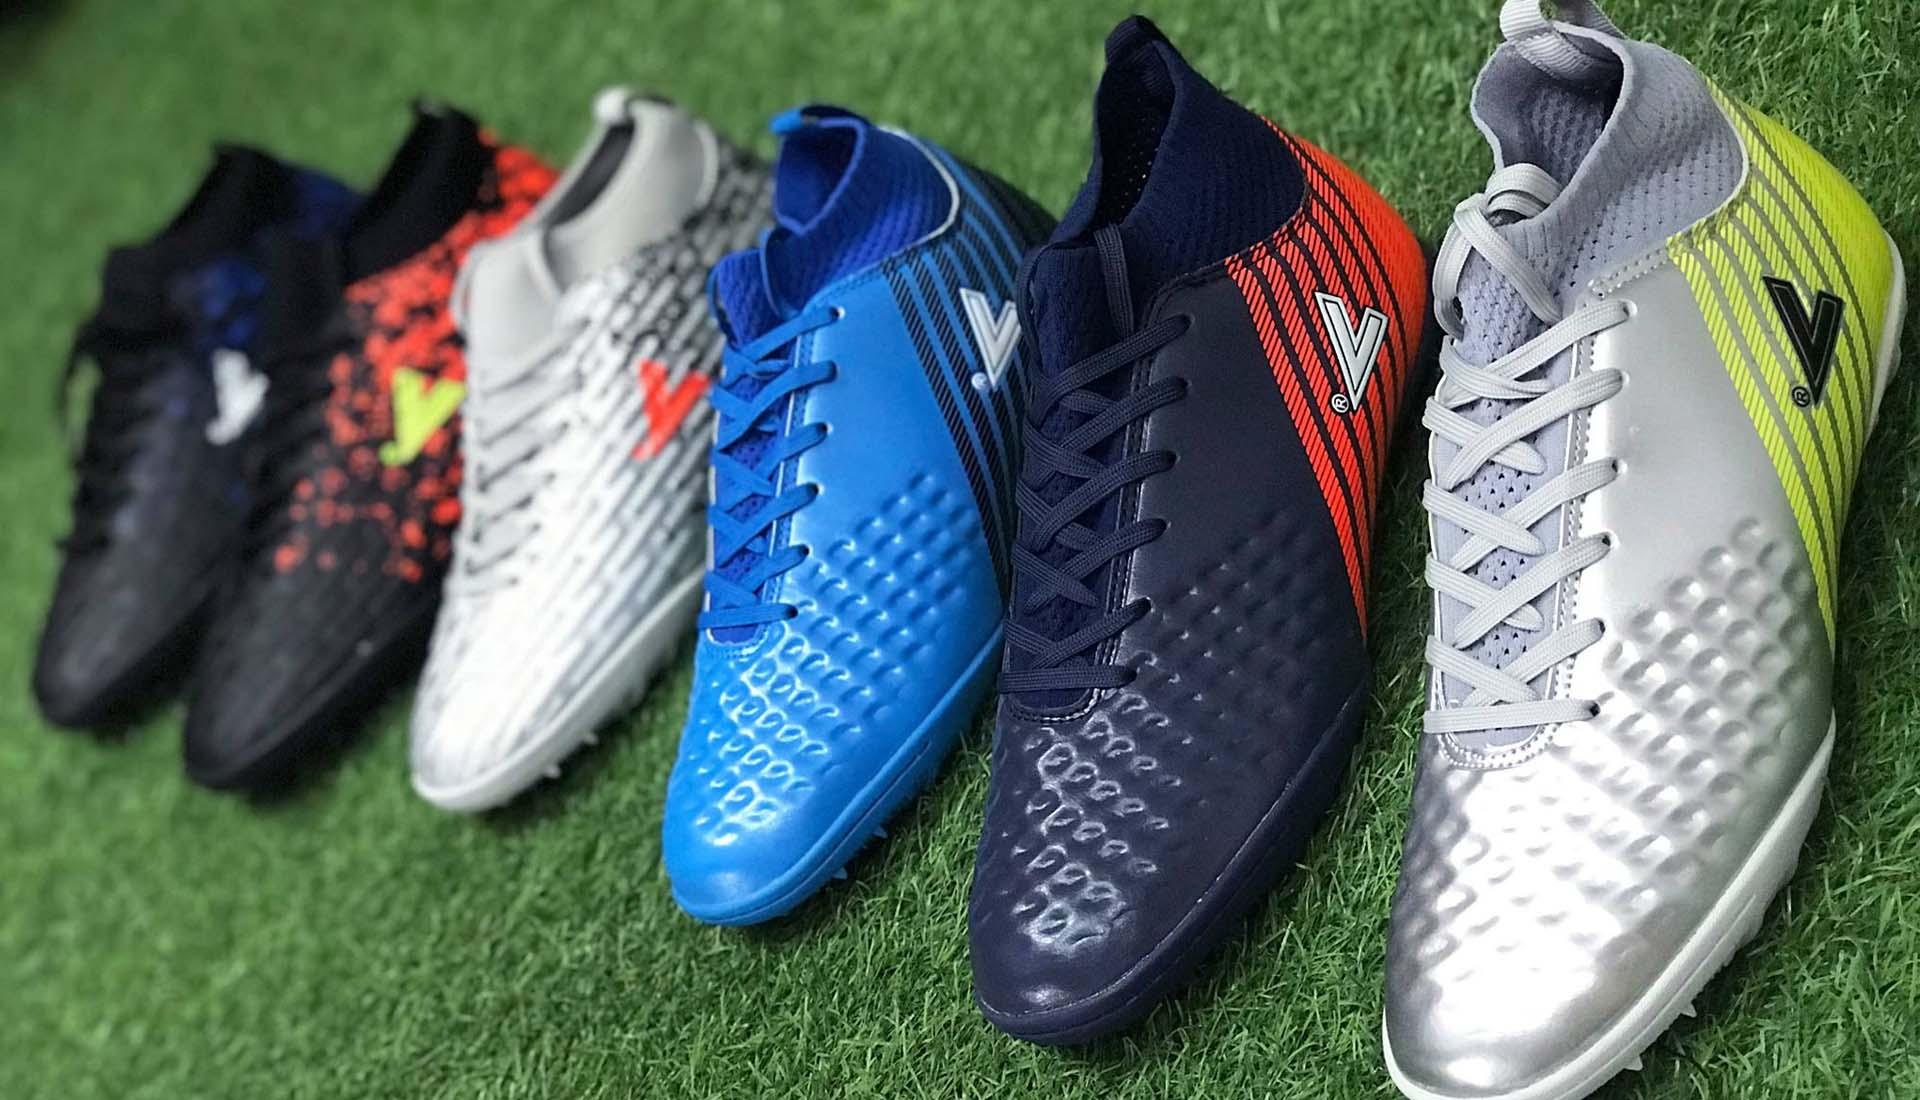 Giày đá bóng Mitre được sản xuất ở nước nào? Chất lượng có tốt không?